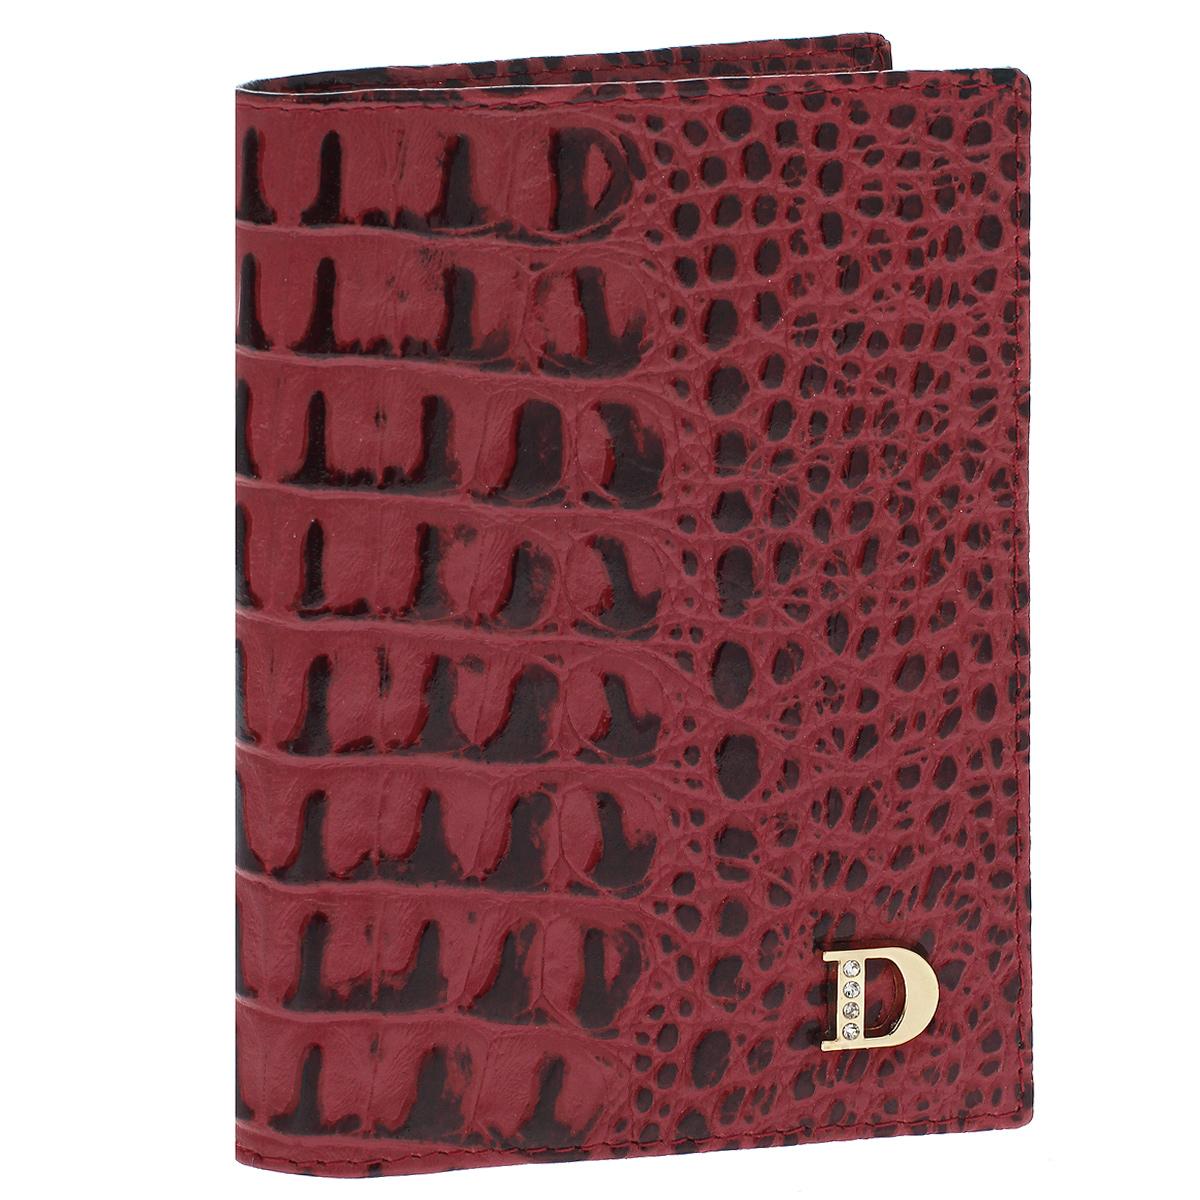 Бумажник водителя Dimanche Loricata Rouge, цвет: красный. 551551Бумажник водителя Dimanche Loricata Rouge изготовлен из натуральной кожи красного цвета с декоративным тиснением под рептилию. Внутри содержится съемный блок из 5 прозрачных пластиковых файлов для автодокументов, 4 прорезных кармашка для пластиковых карт, карман для сим- карты и 2 потайных кармашка для мелких бумаг. Стильный бумажник не только защитит ваши документы, но и станет стильным аксессуаром, подчеркивающим ваш образ. Изделие упаковано в фирменную коробку коричневого цвета с логотипом фирмы Dimanche. Характеристики: Материал: натуральная кожа, текстиль, пластик. Цвет: красный. Размер бумажника (ДхШхВ): 9,5 см х 13,5 см х 1,5 см.